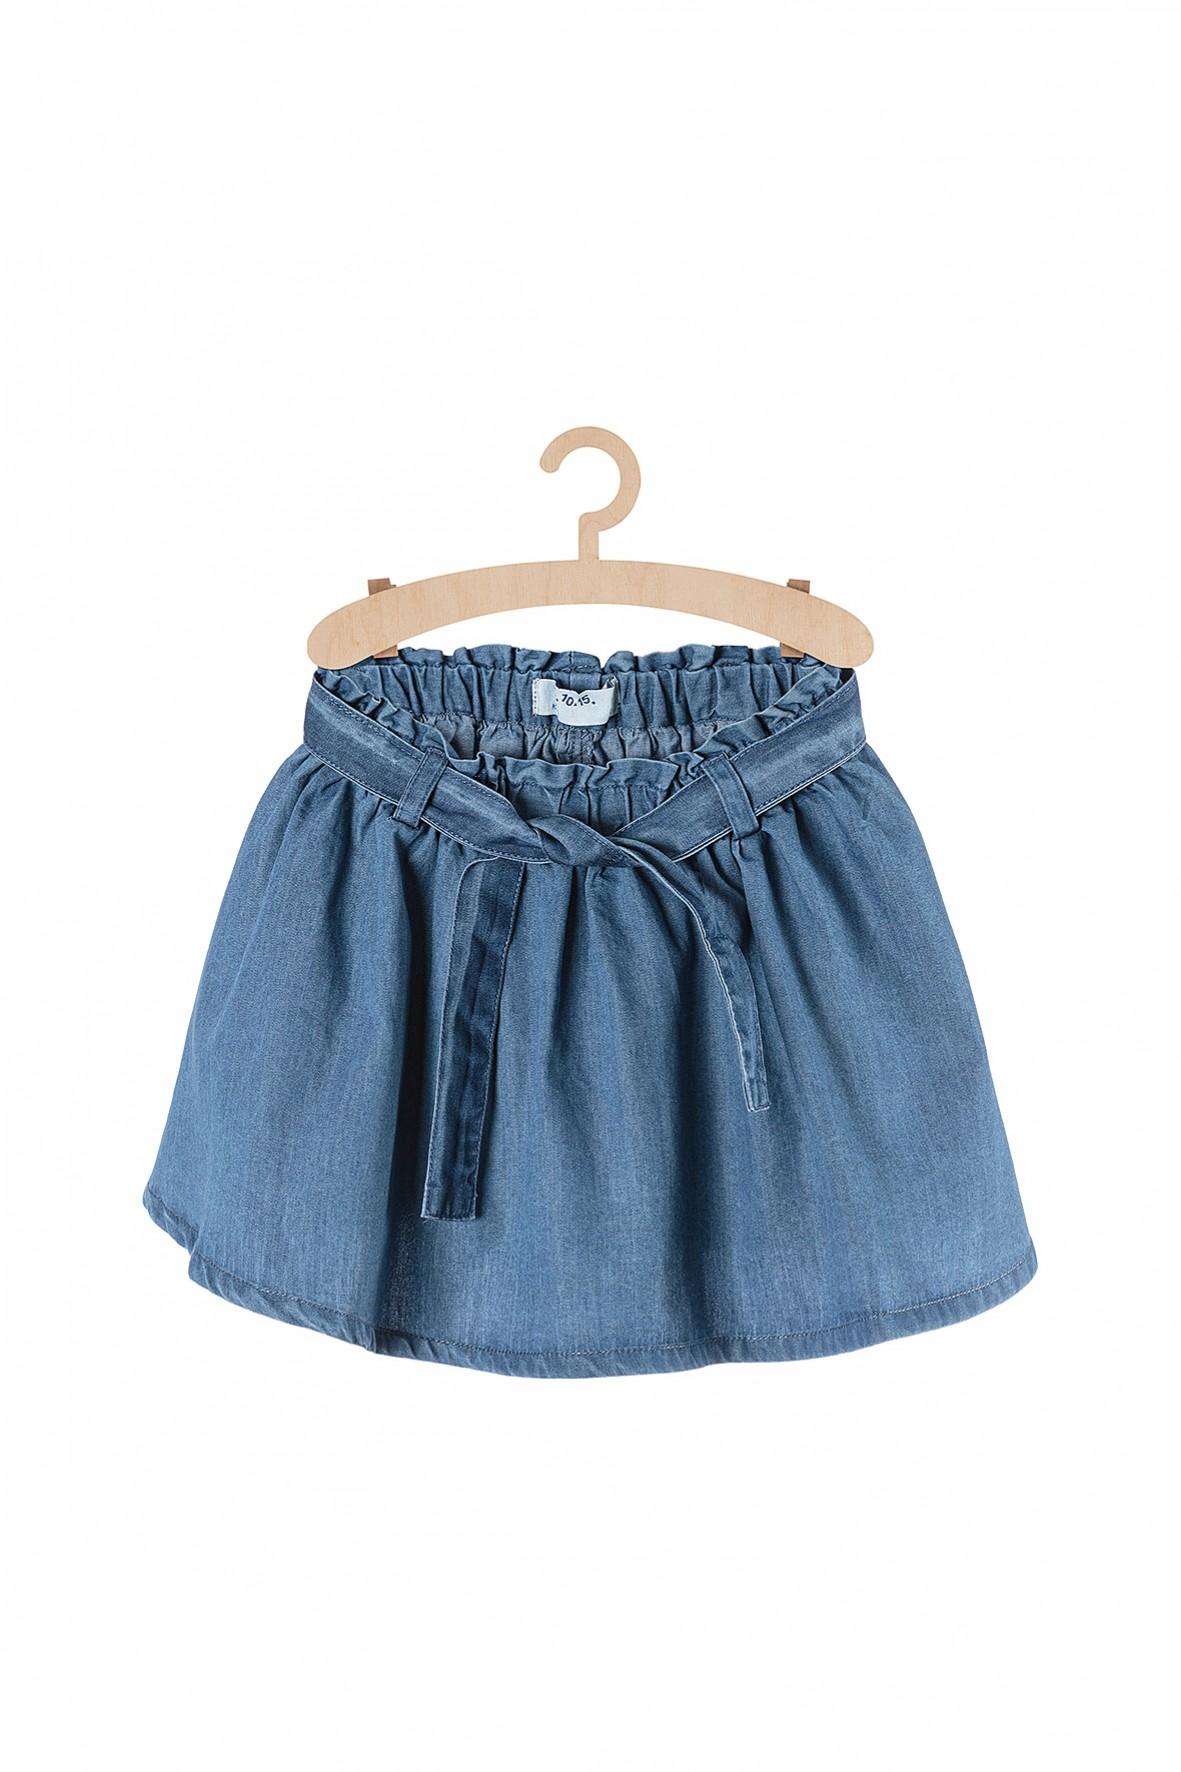 Spódnica jeansowa dla dziewczynki